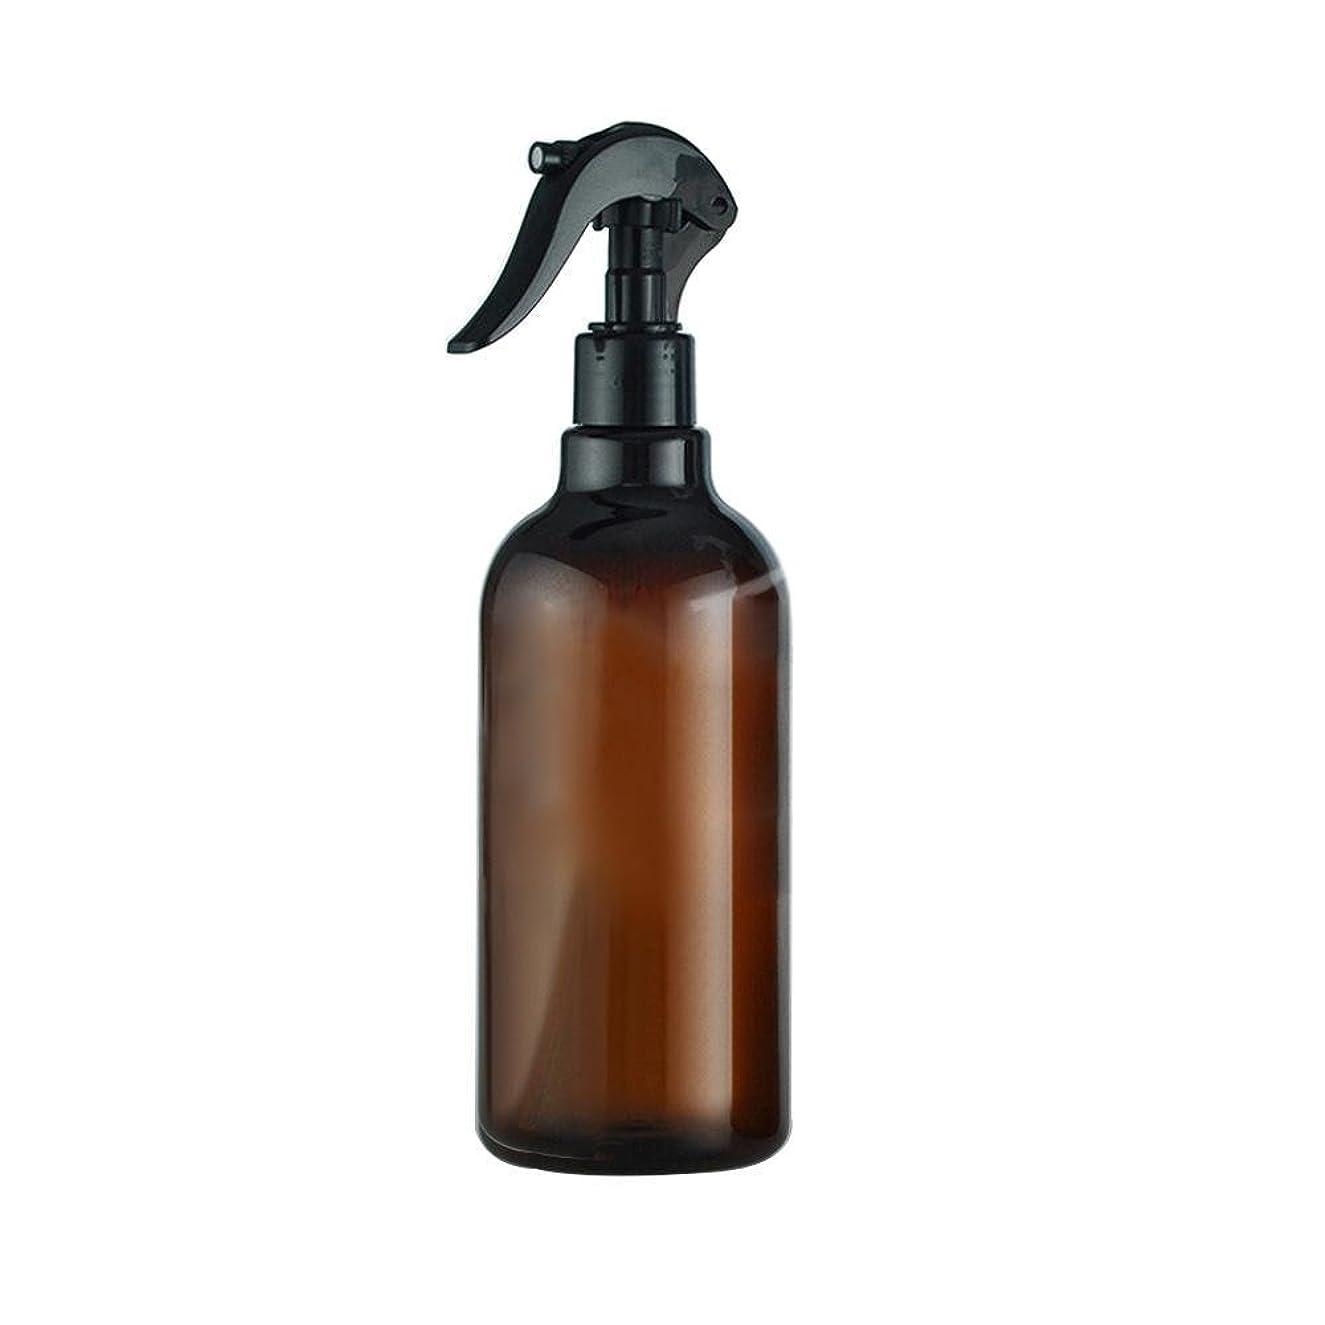 過ち燃やす宇宙BETTER YOU (ベター ュー) スプレーボトル 化粧品ボトル 500ml 詰替え容器 ボトル 化粧水入れ 旅行 香水 化粧水用瓶